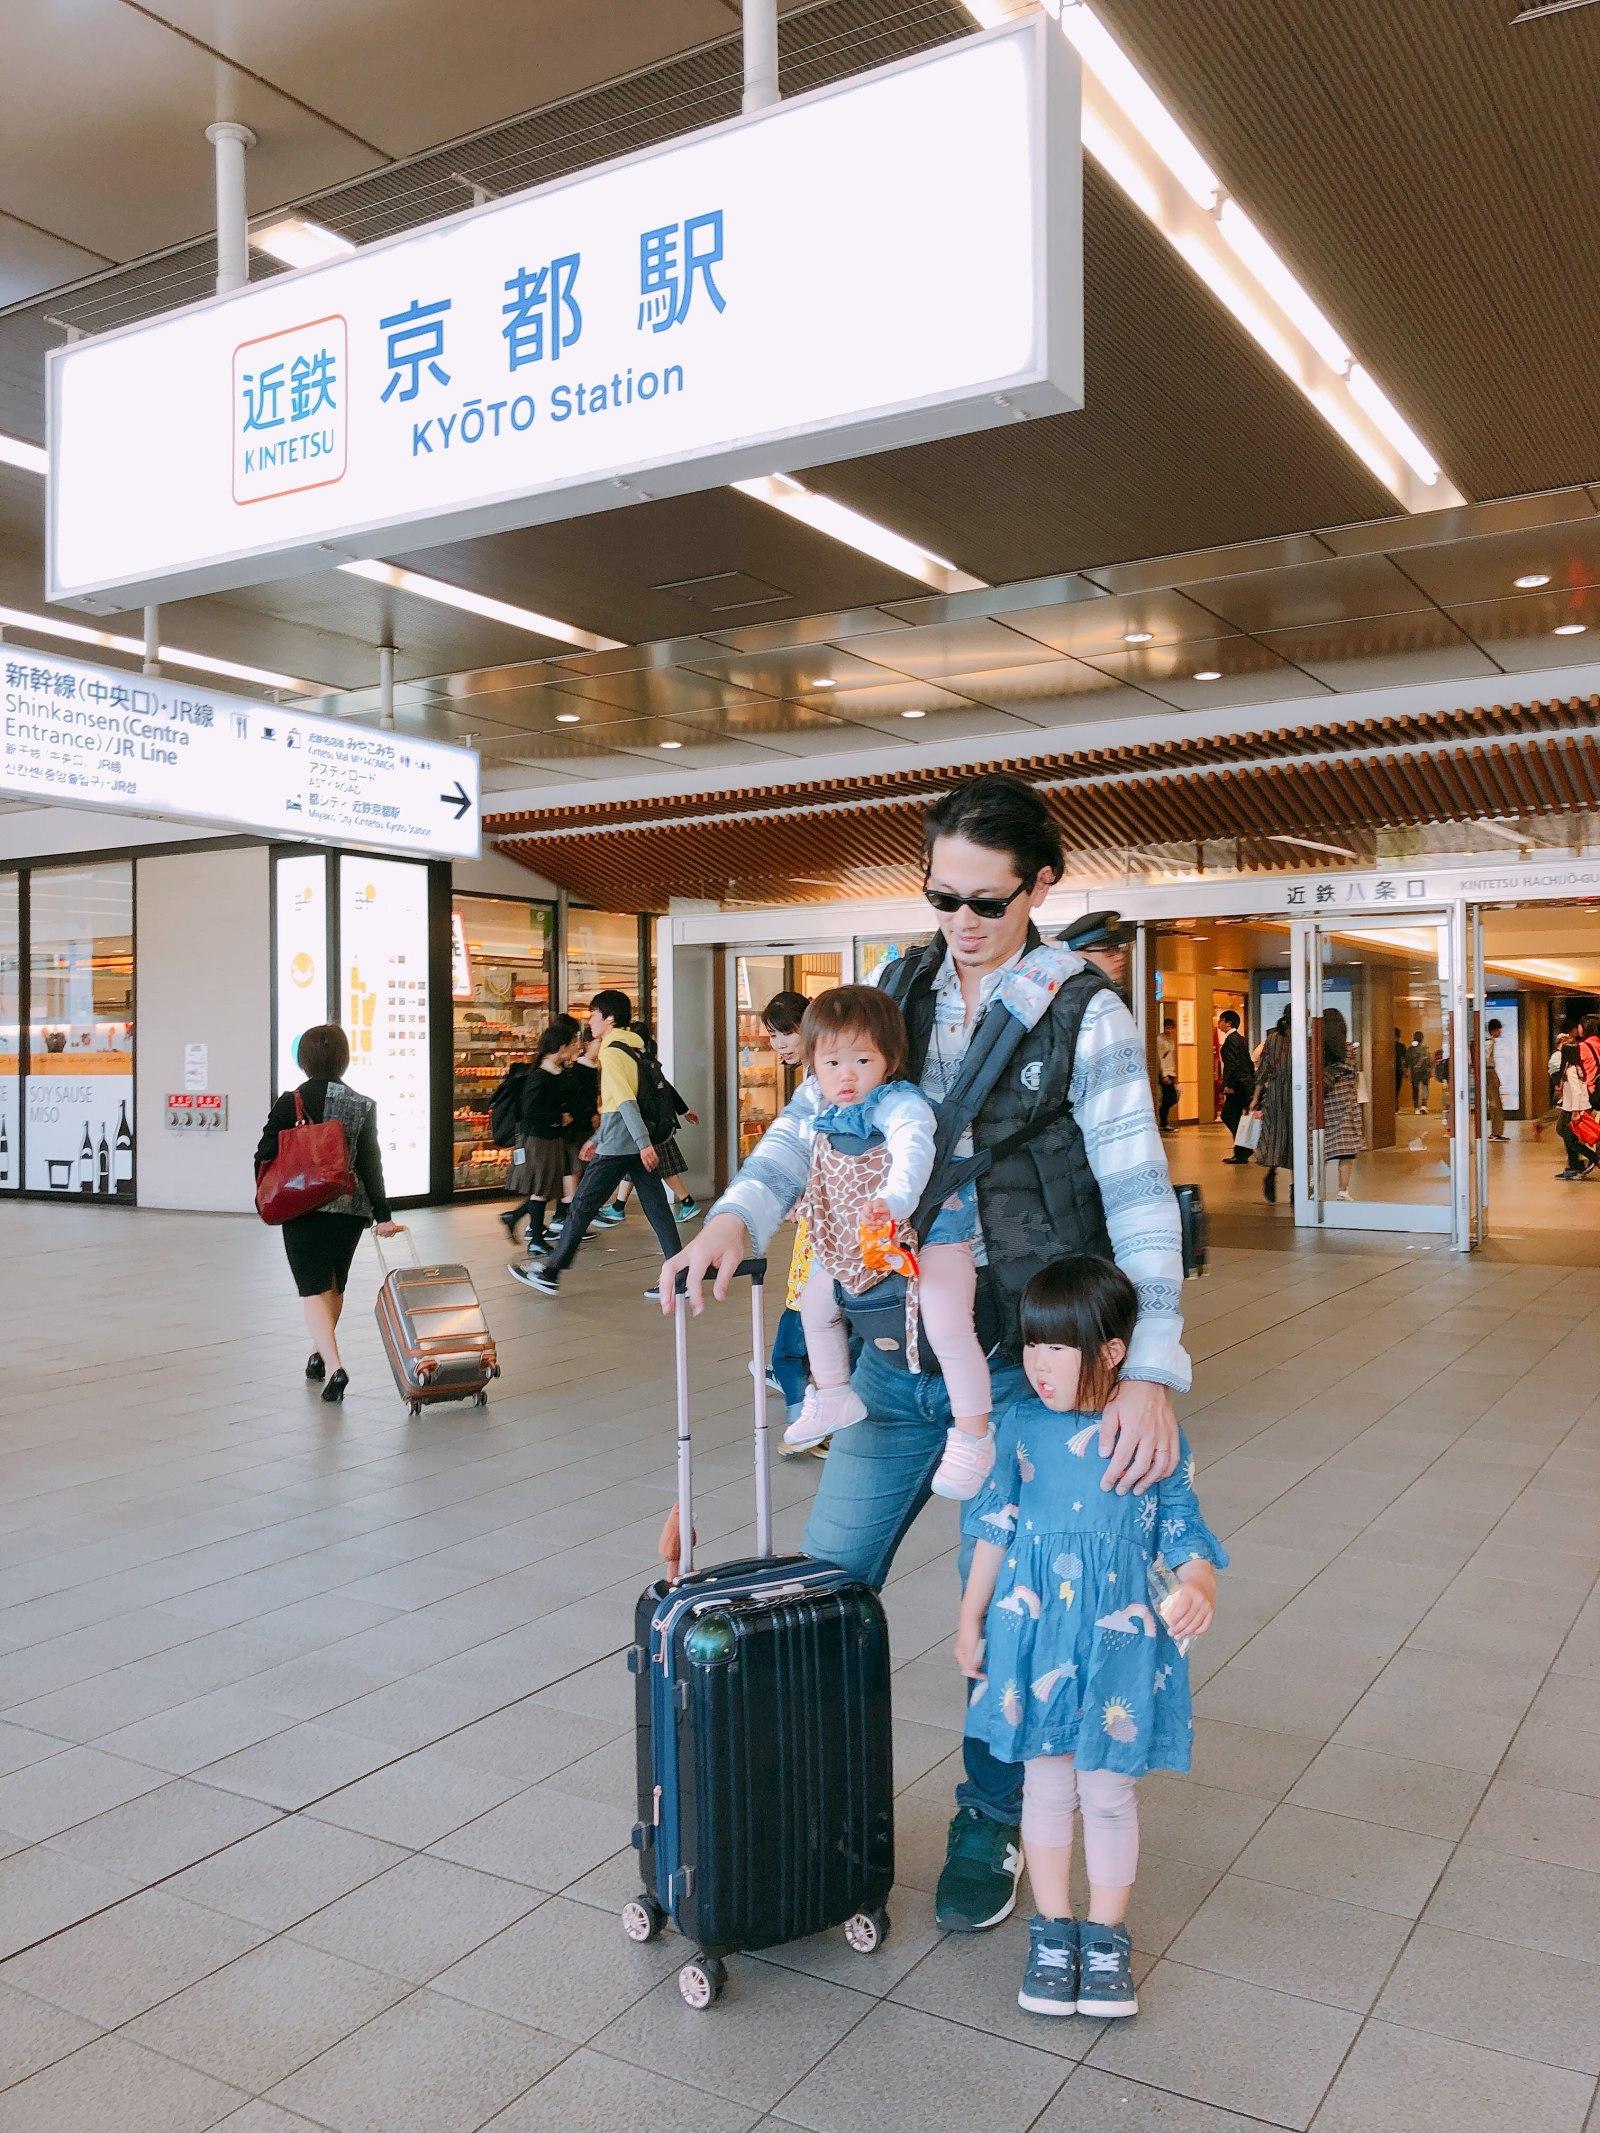 京都旅行 京都駅